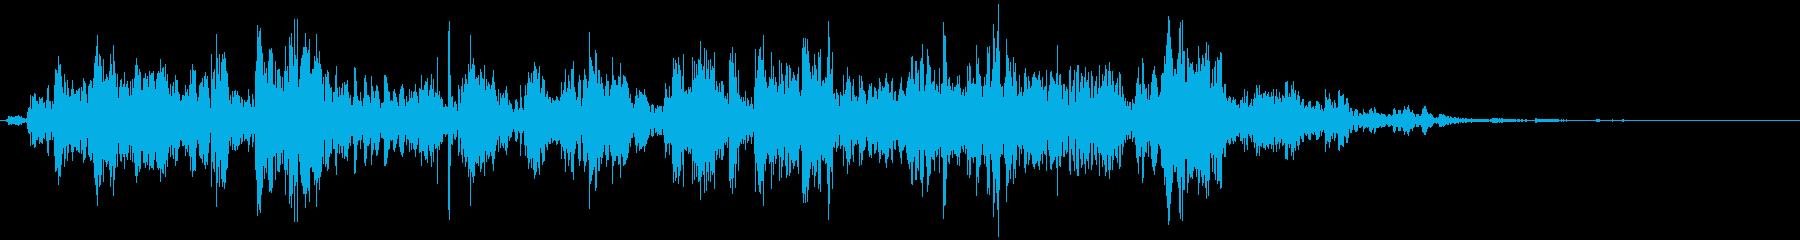 鎖を動かす音10【長い】の再生済みの波形